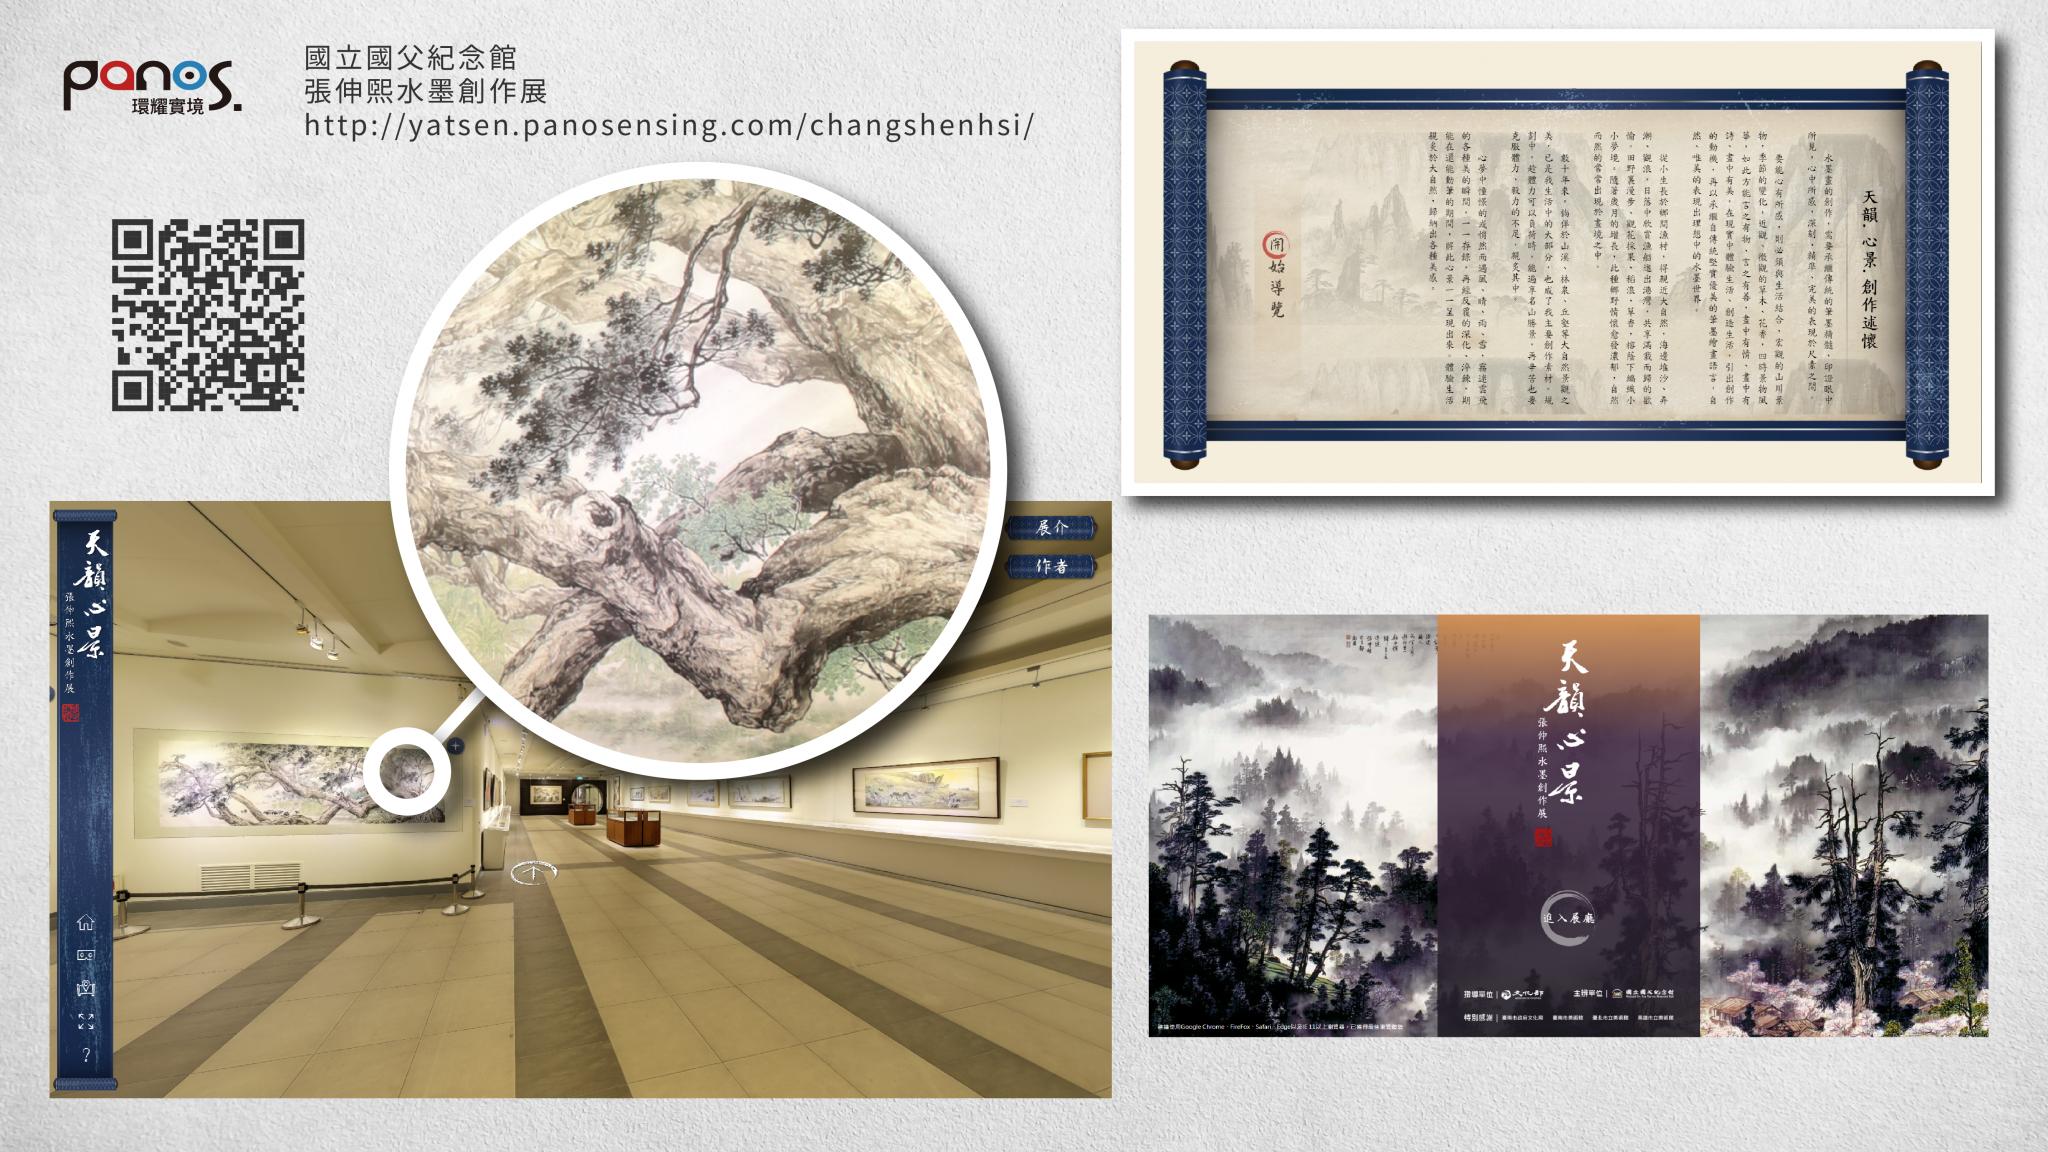 國立國父紀念館—張伸熙水墨創作展